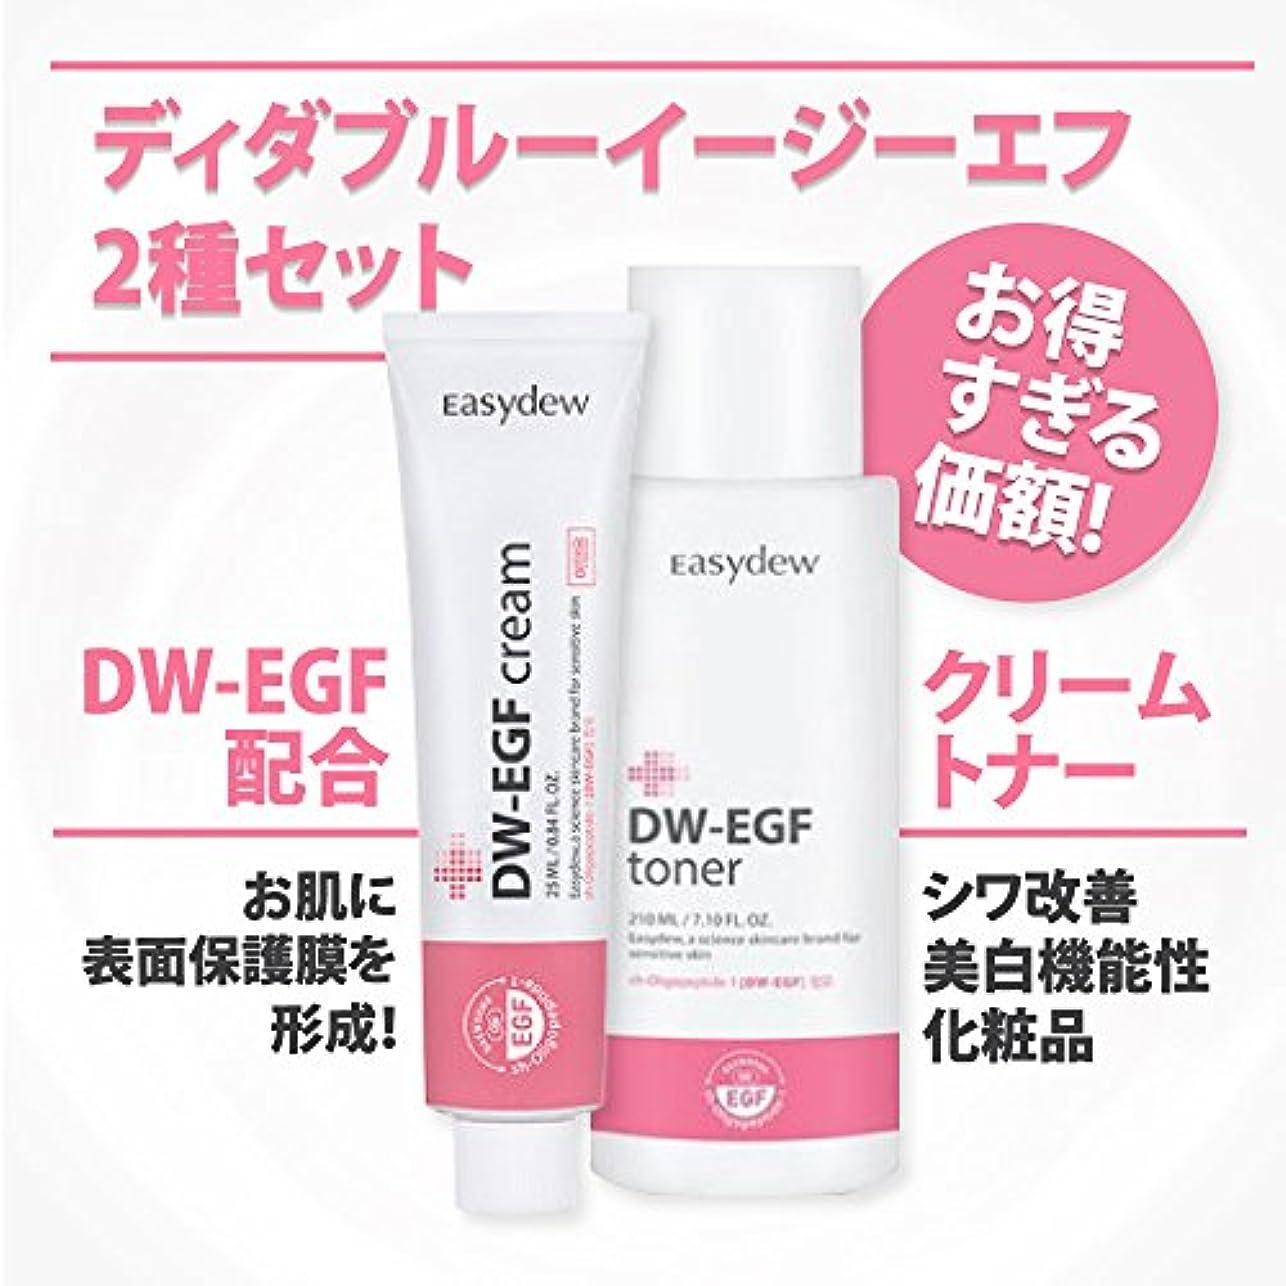 ラジウムめったにバイソンEasydew DW-EGF 化粧水 210ml クリーム 50ml セット Easydew DW-EGF Toner Cream Set 人気 スキンケア セット